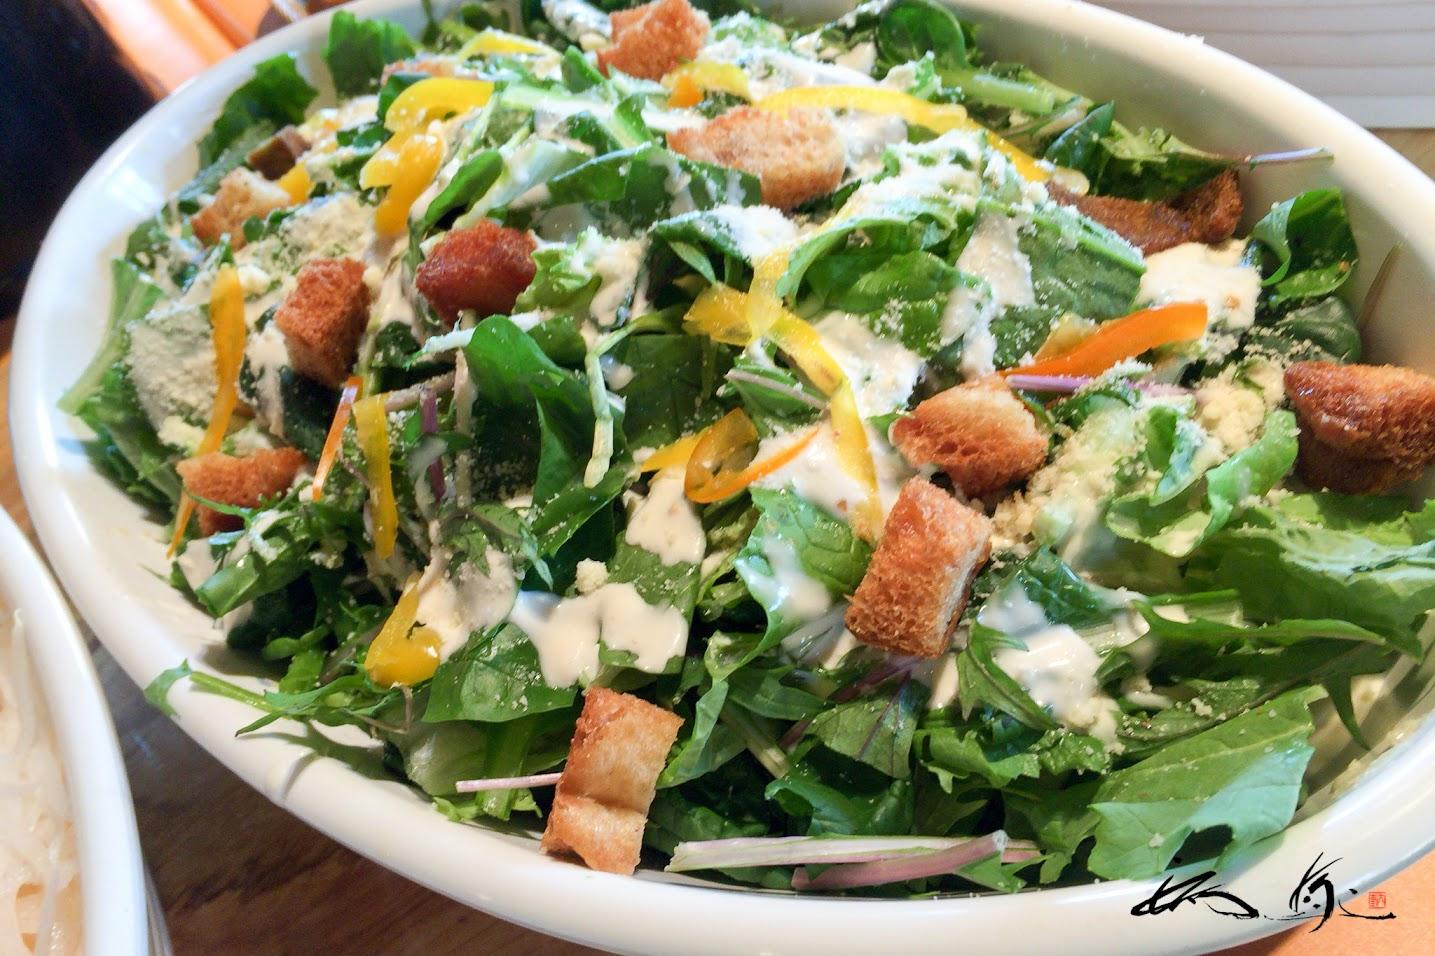 いろいろ葉野菜のシーザーサラダ